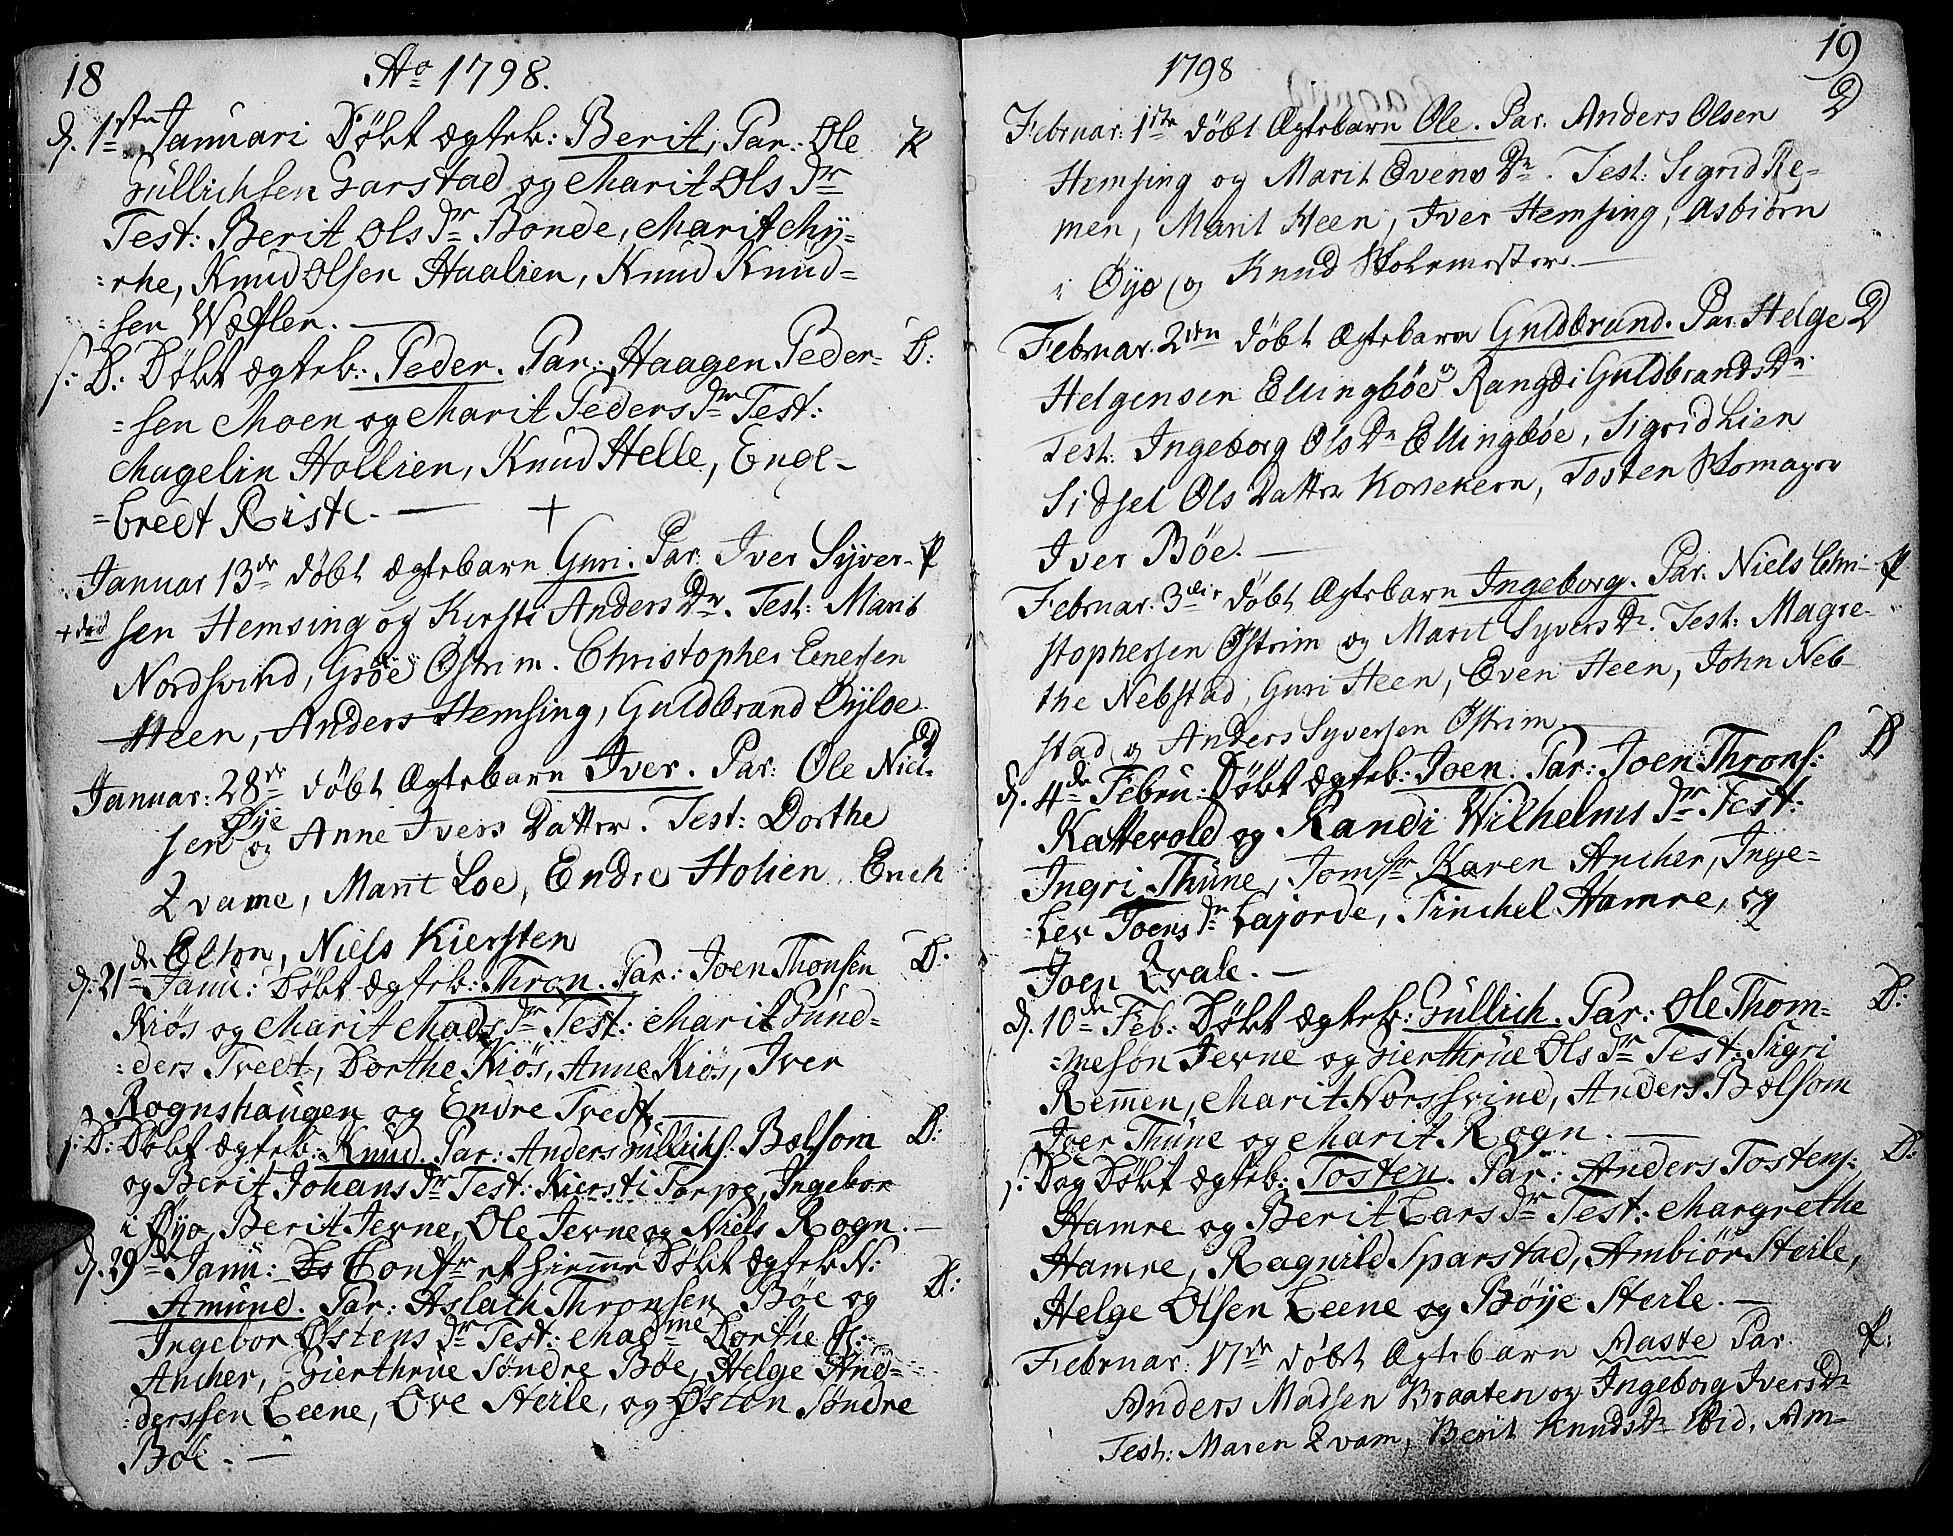 SAH, Vang prestekontor, Valdres, Ministerialbok nr. 2, 1796-1808, s. 18-19